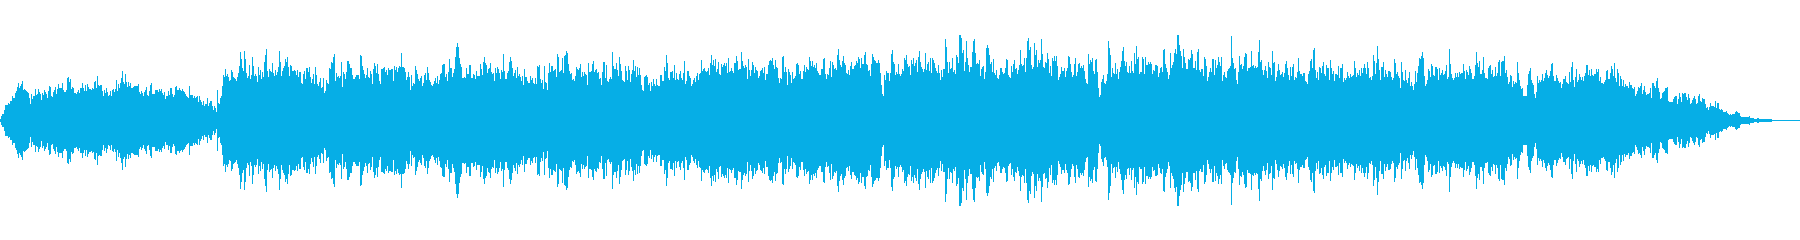 ストリングスとピアノのサウンドトラックの再生済みの波形